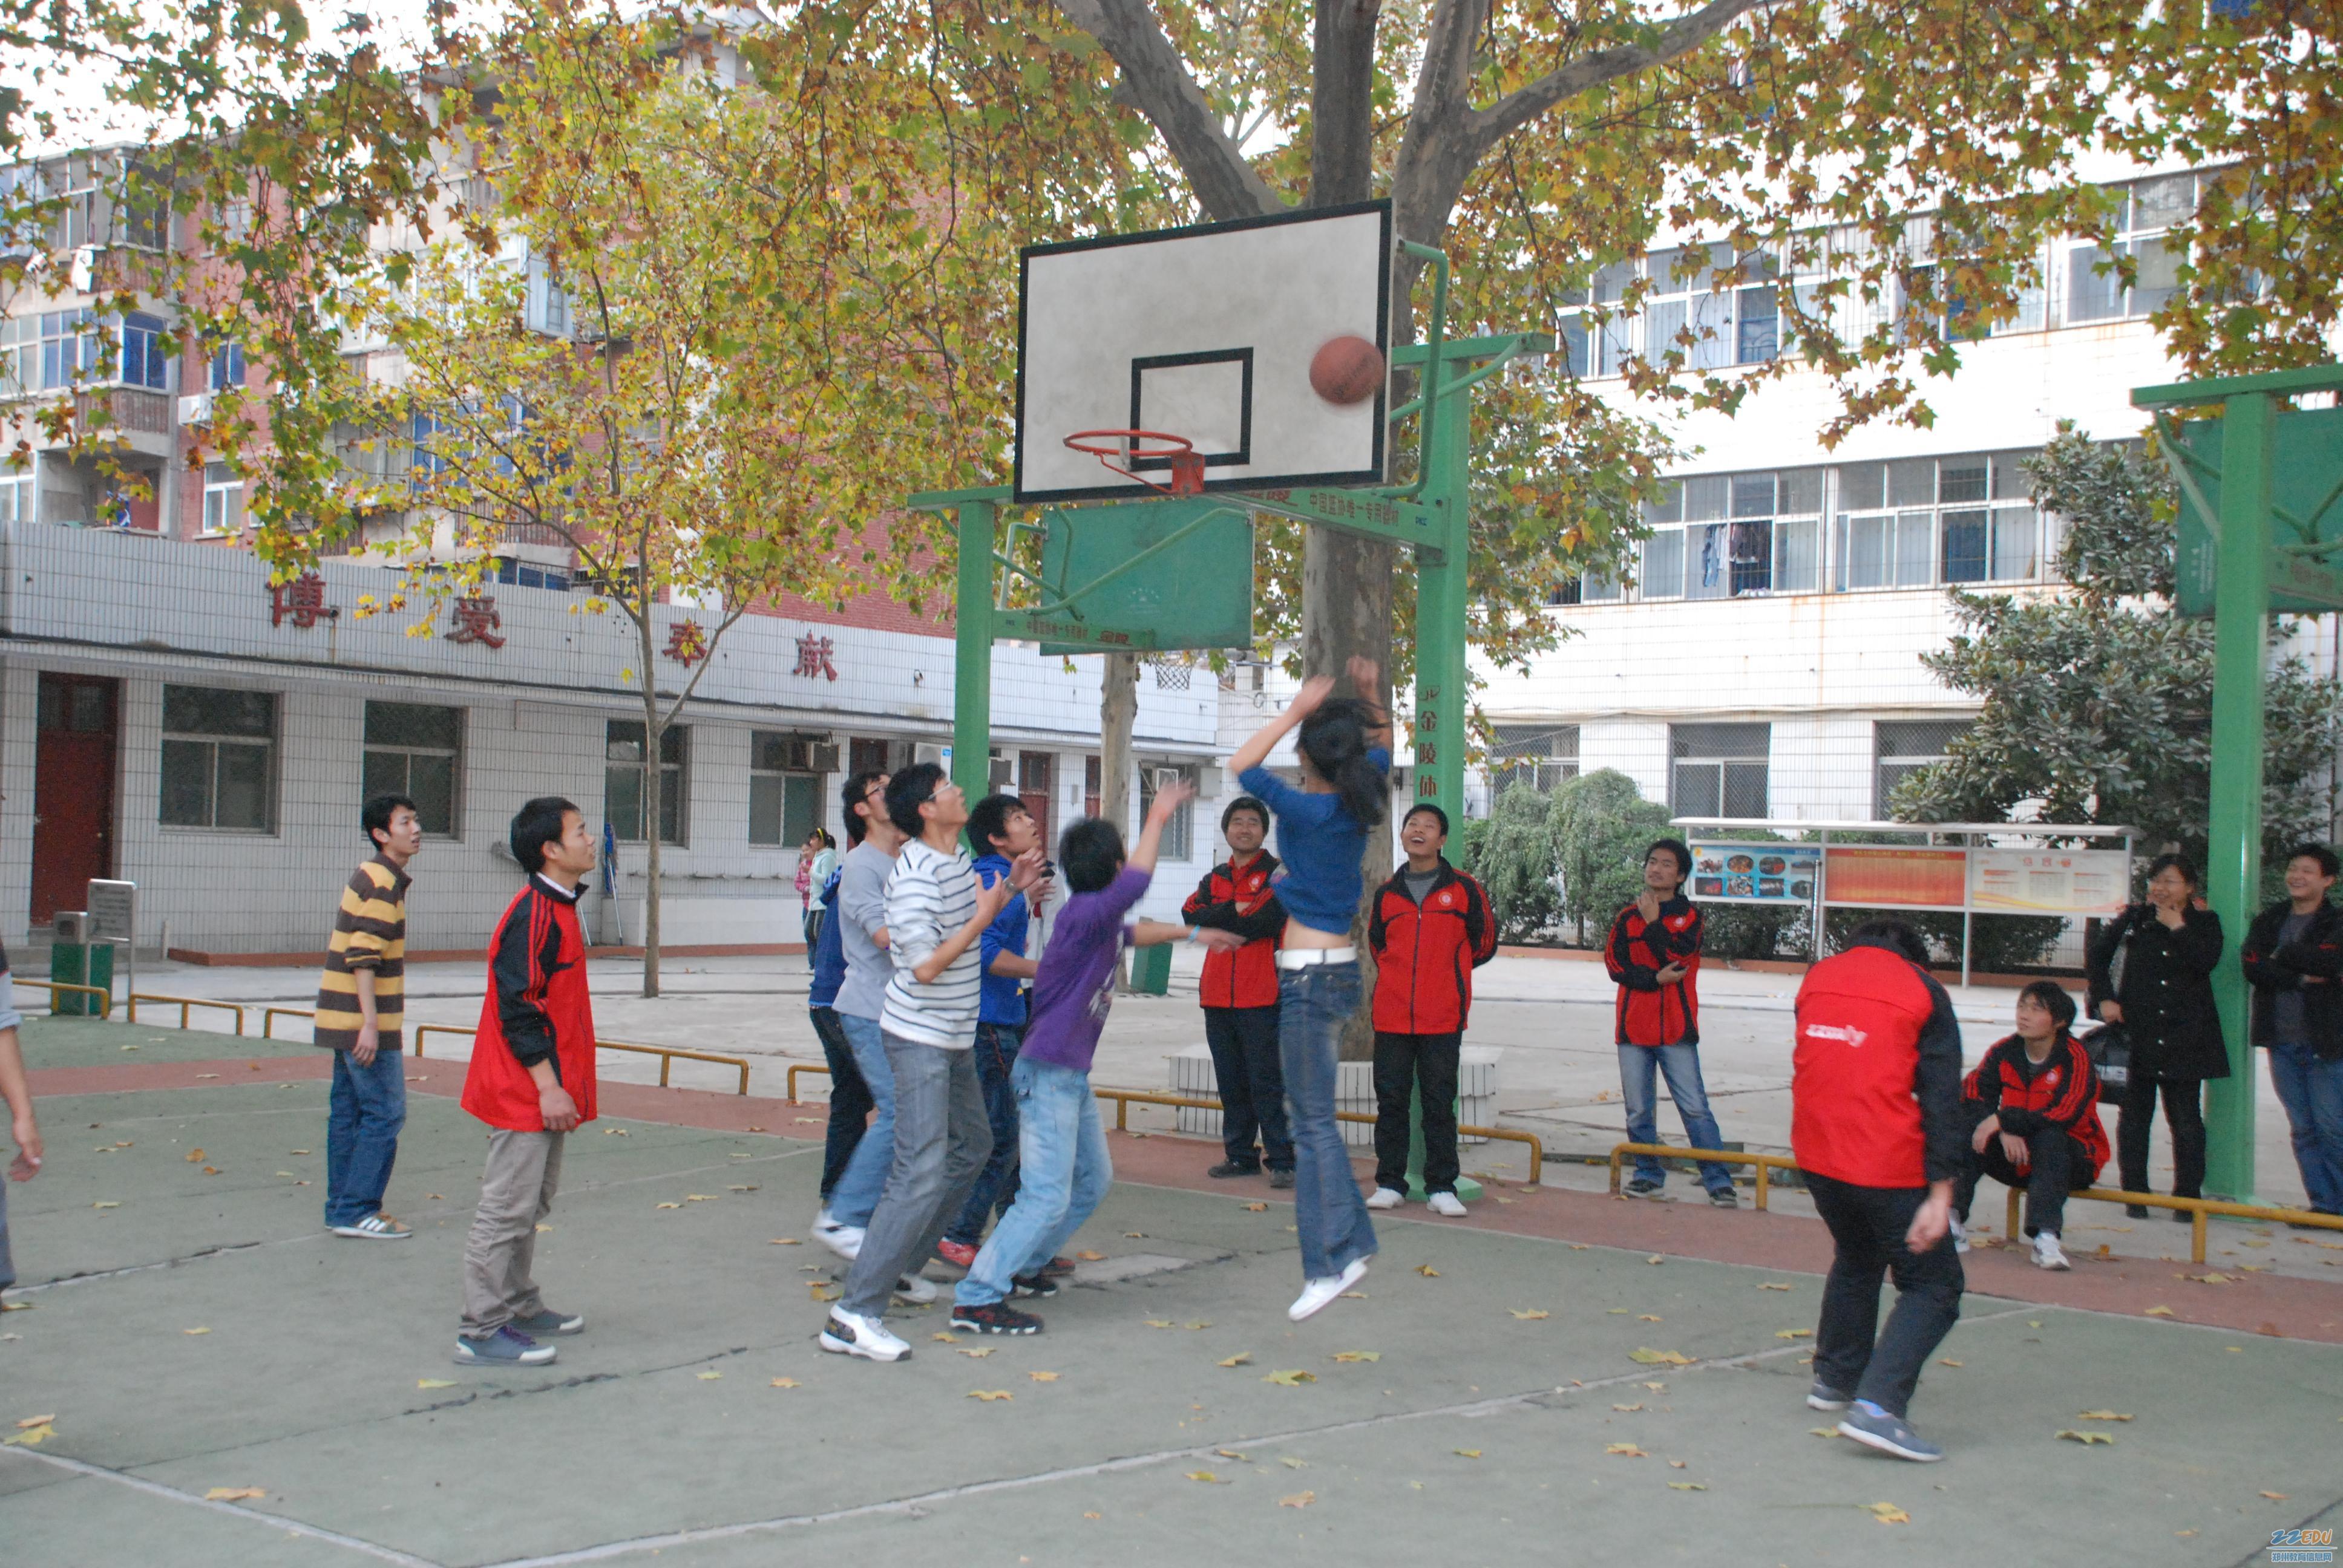 郑州盲聋哑学校 郑州盲聋哑学校马依丽 郑州聋哑大学学校